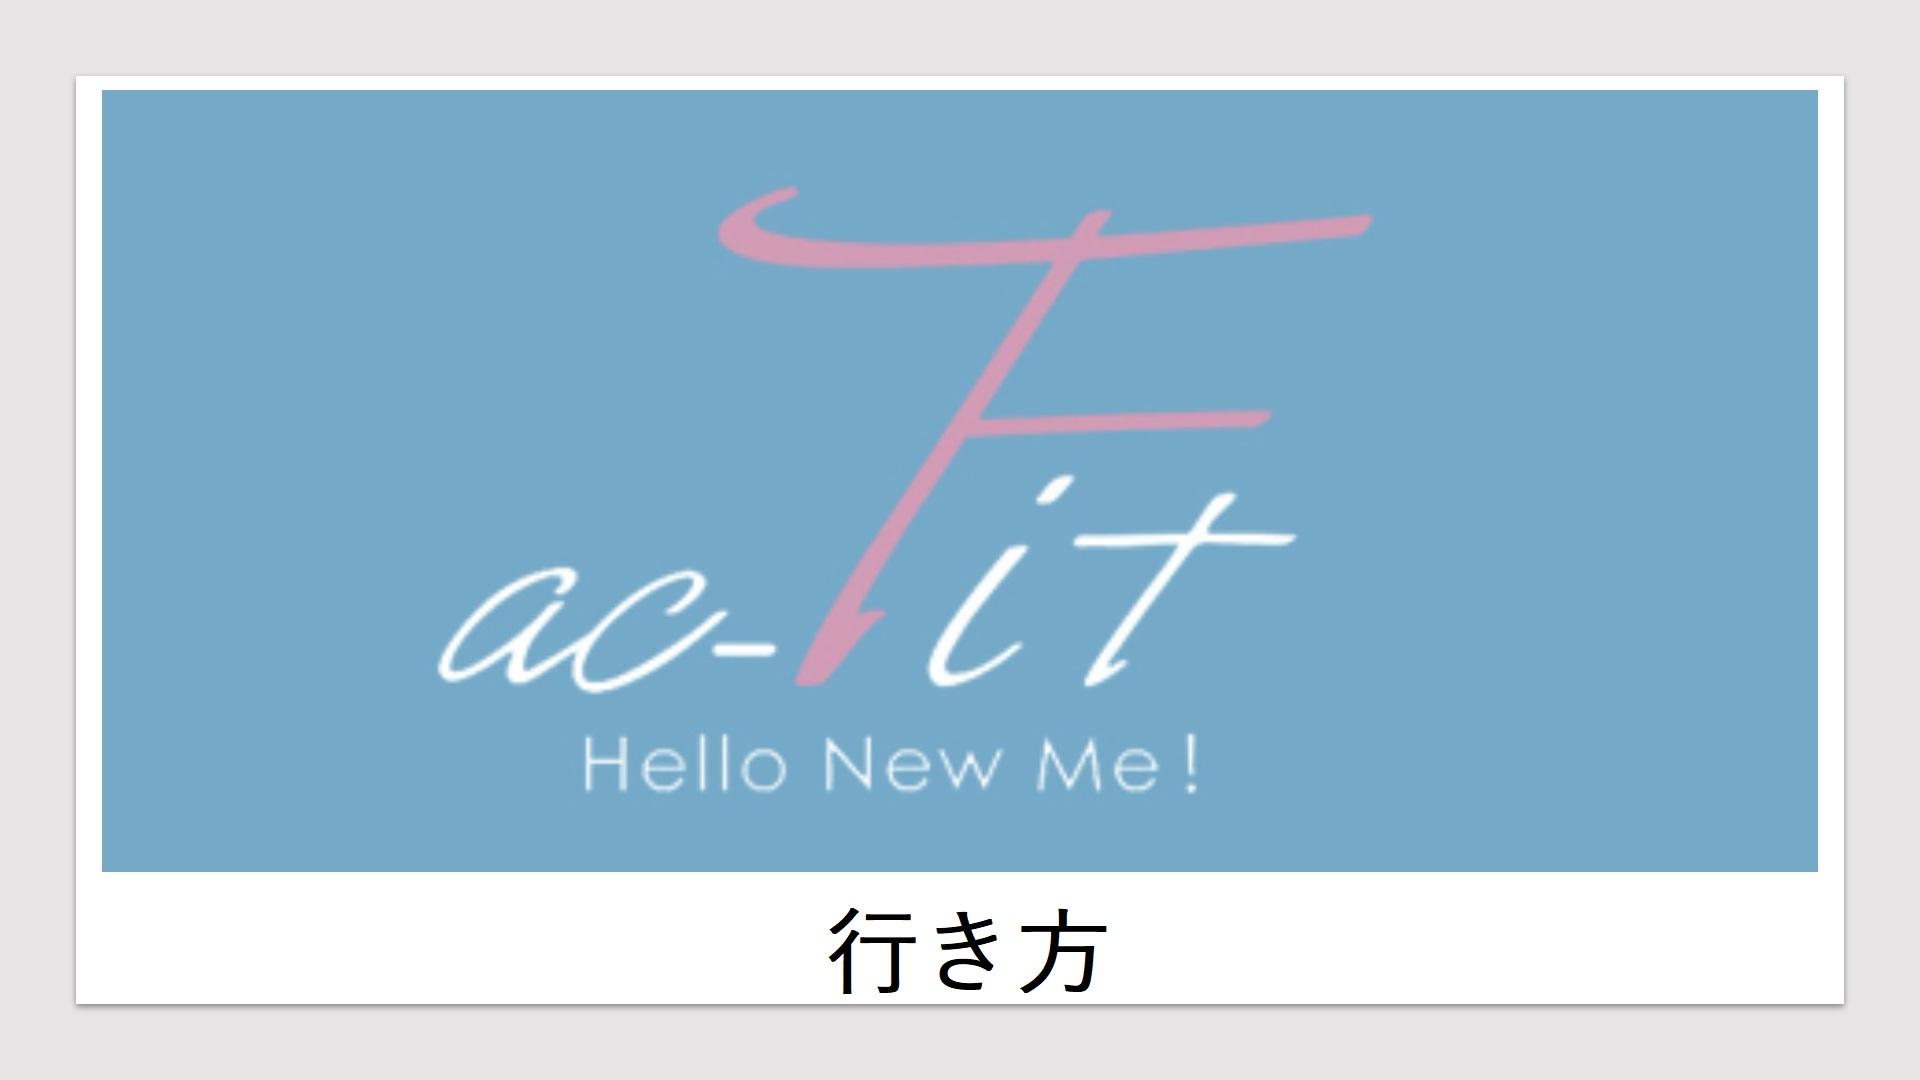 ac-fit(行き方)